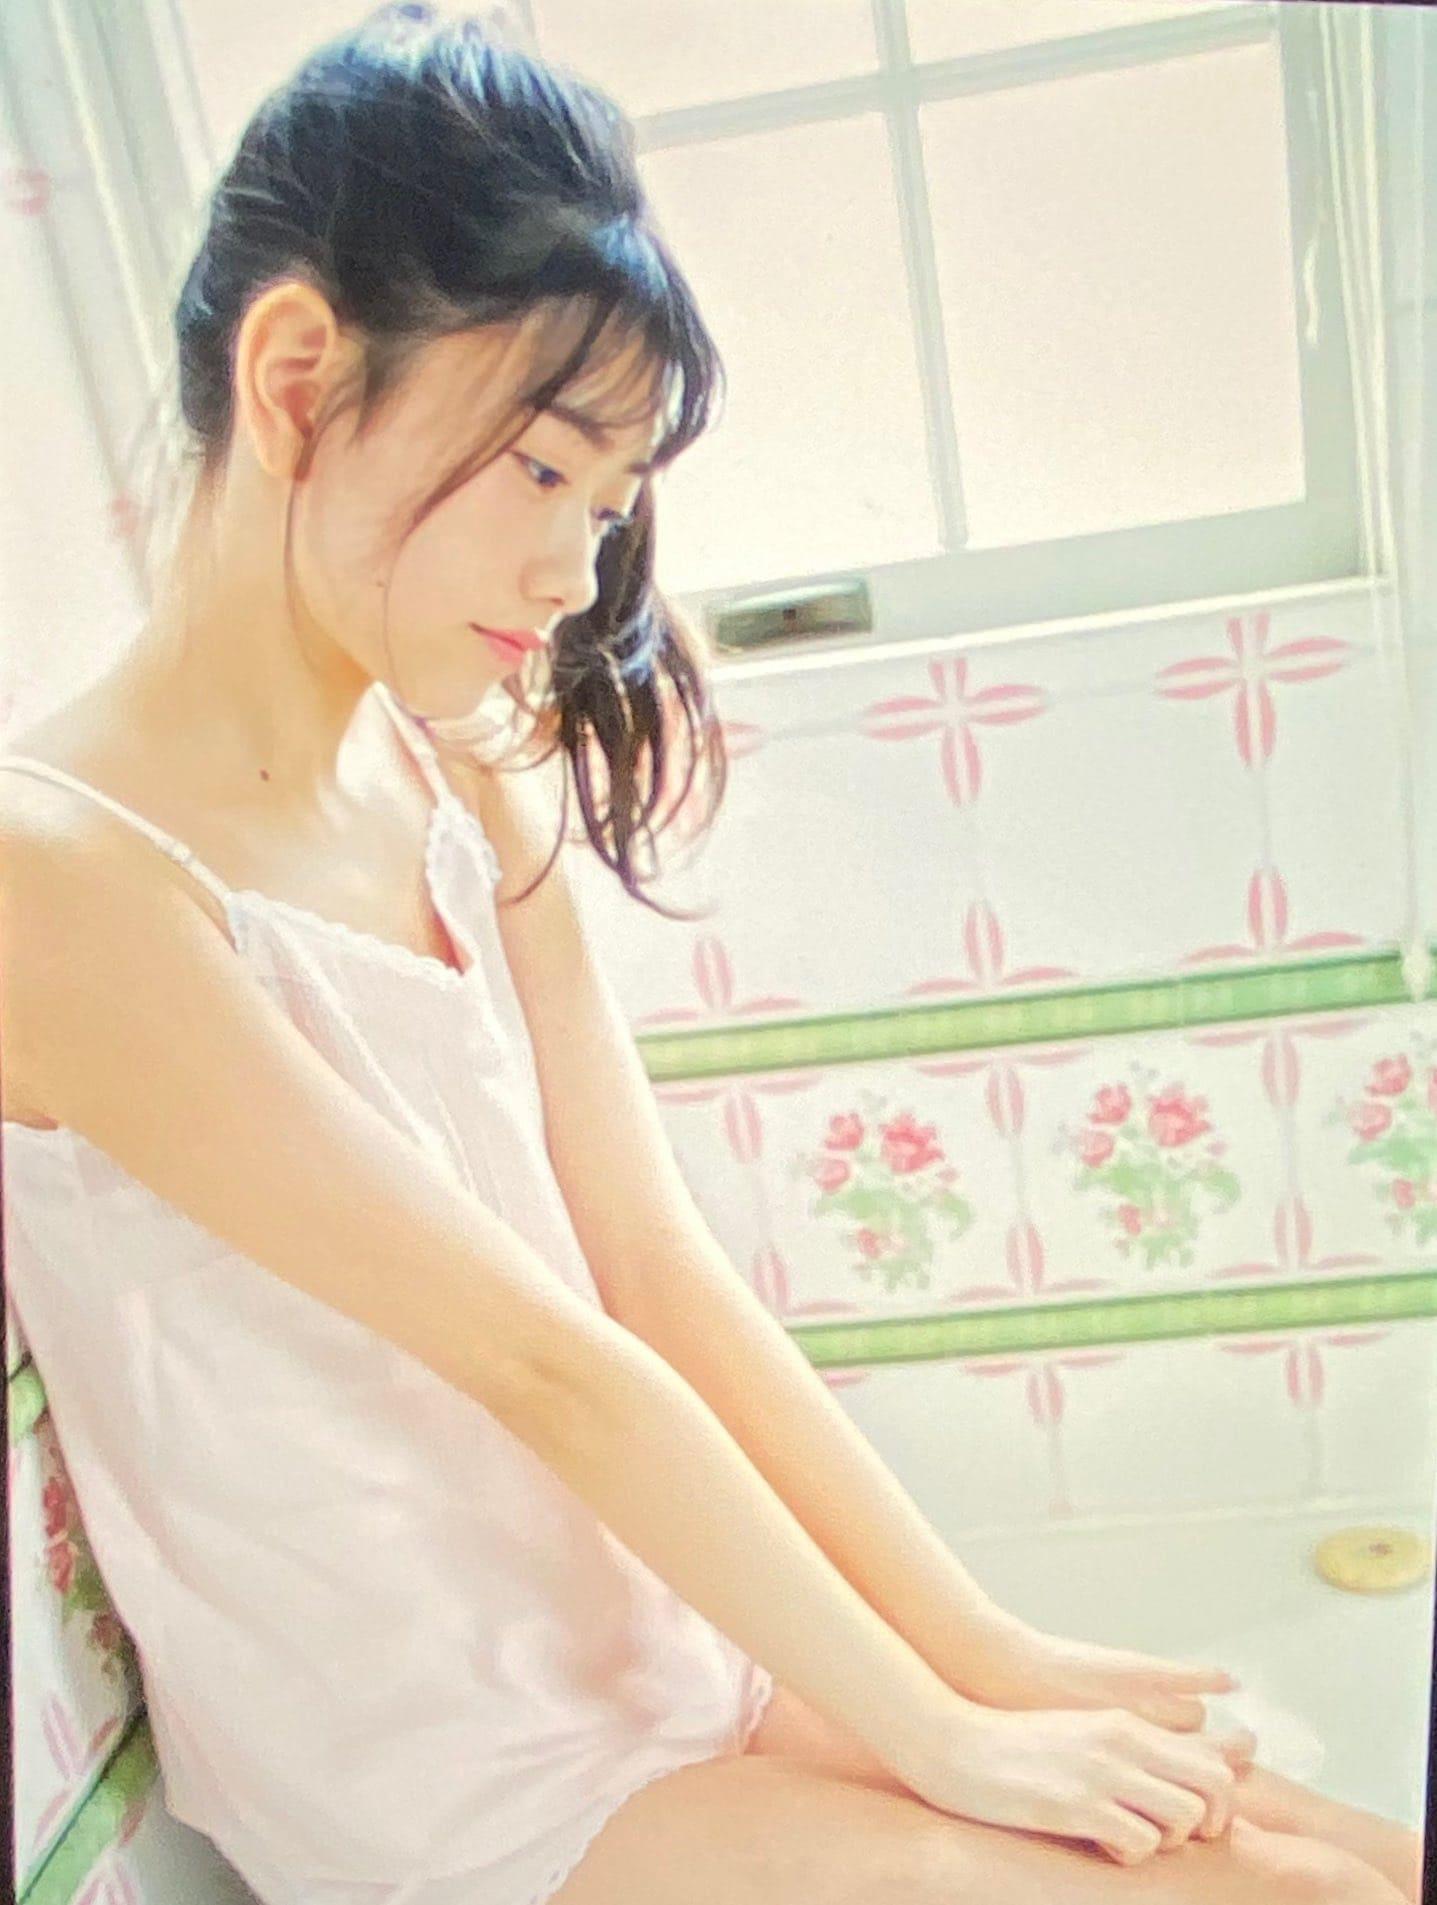 AKB48千葉恵里「幼さと大人らしさの共存…」雑誌撮影のオフショットを公開【画像4枚】の画像002